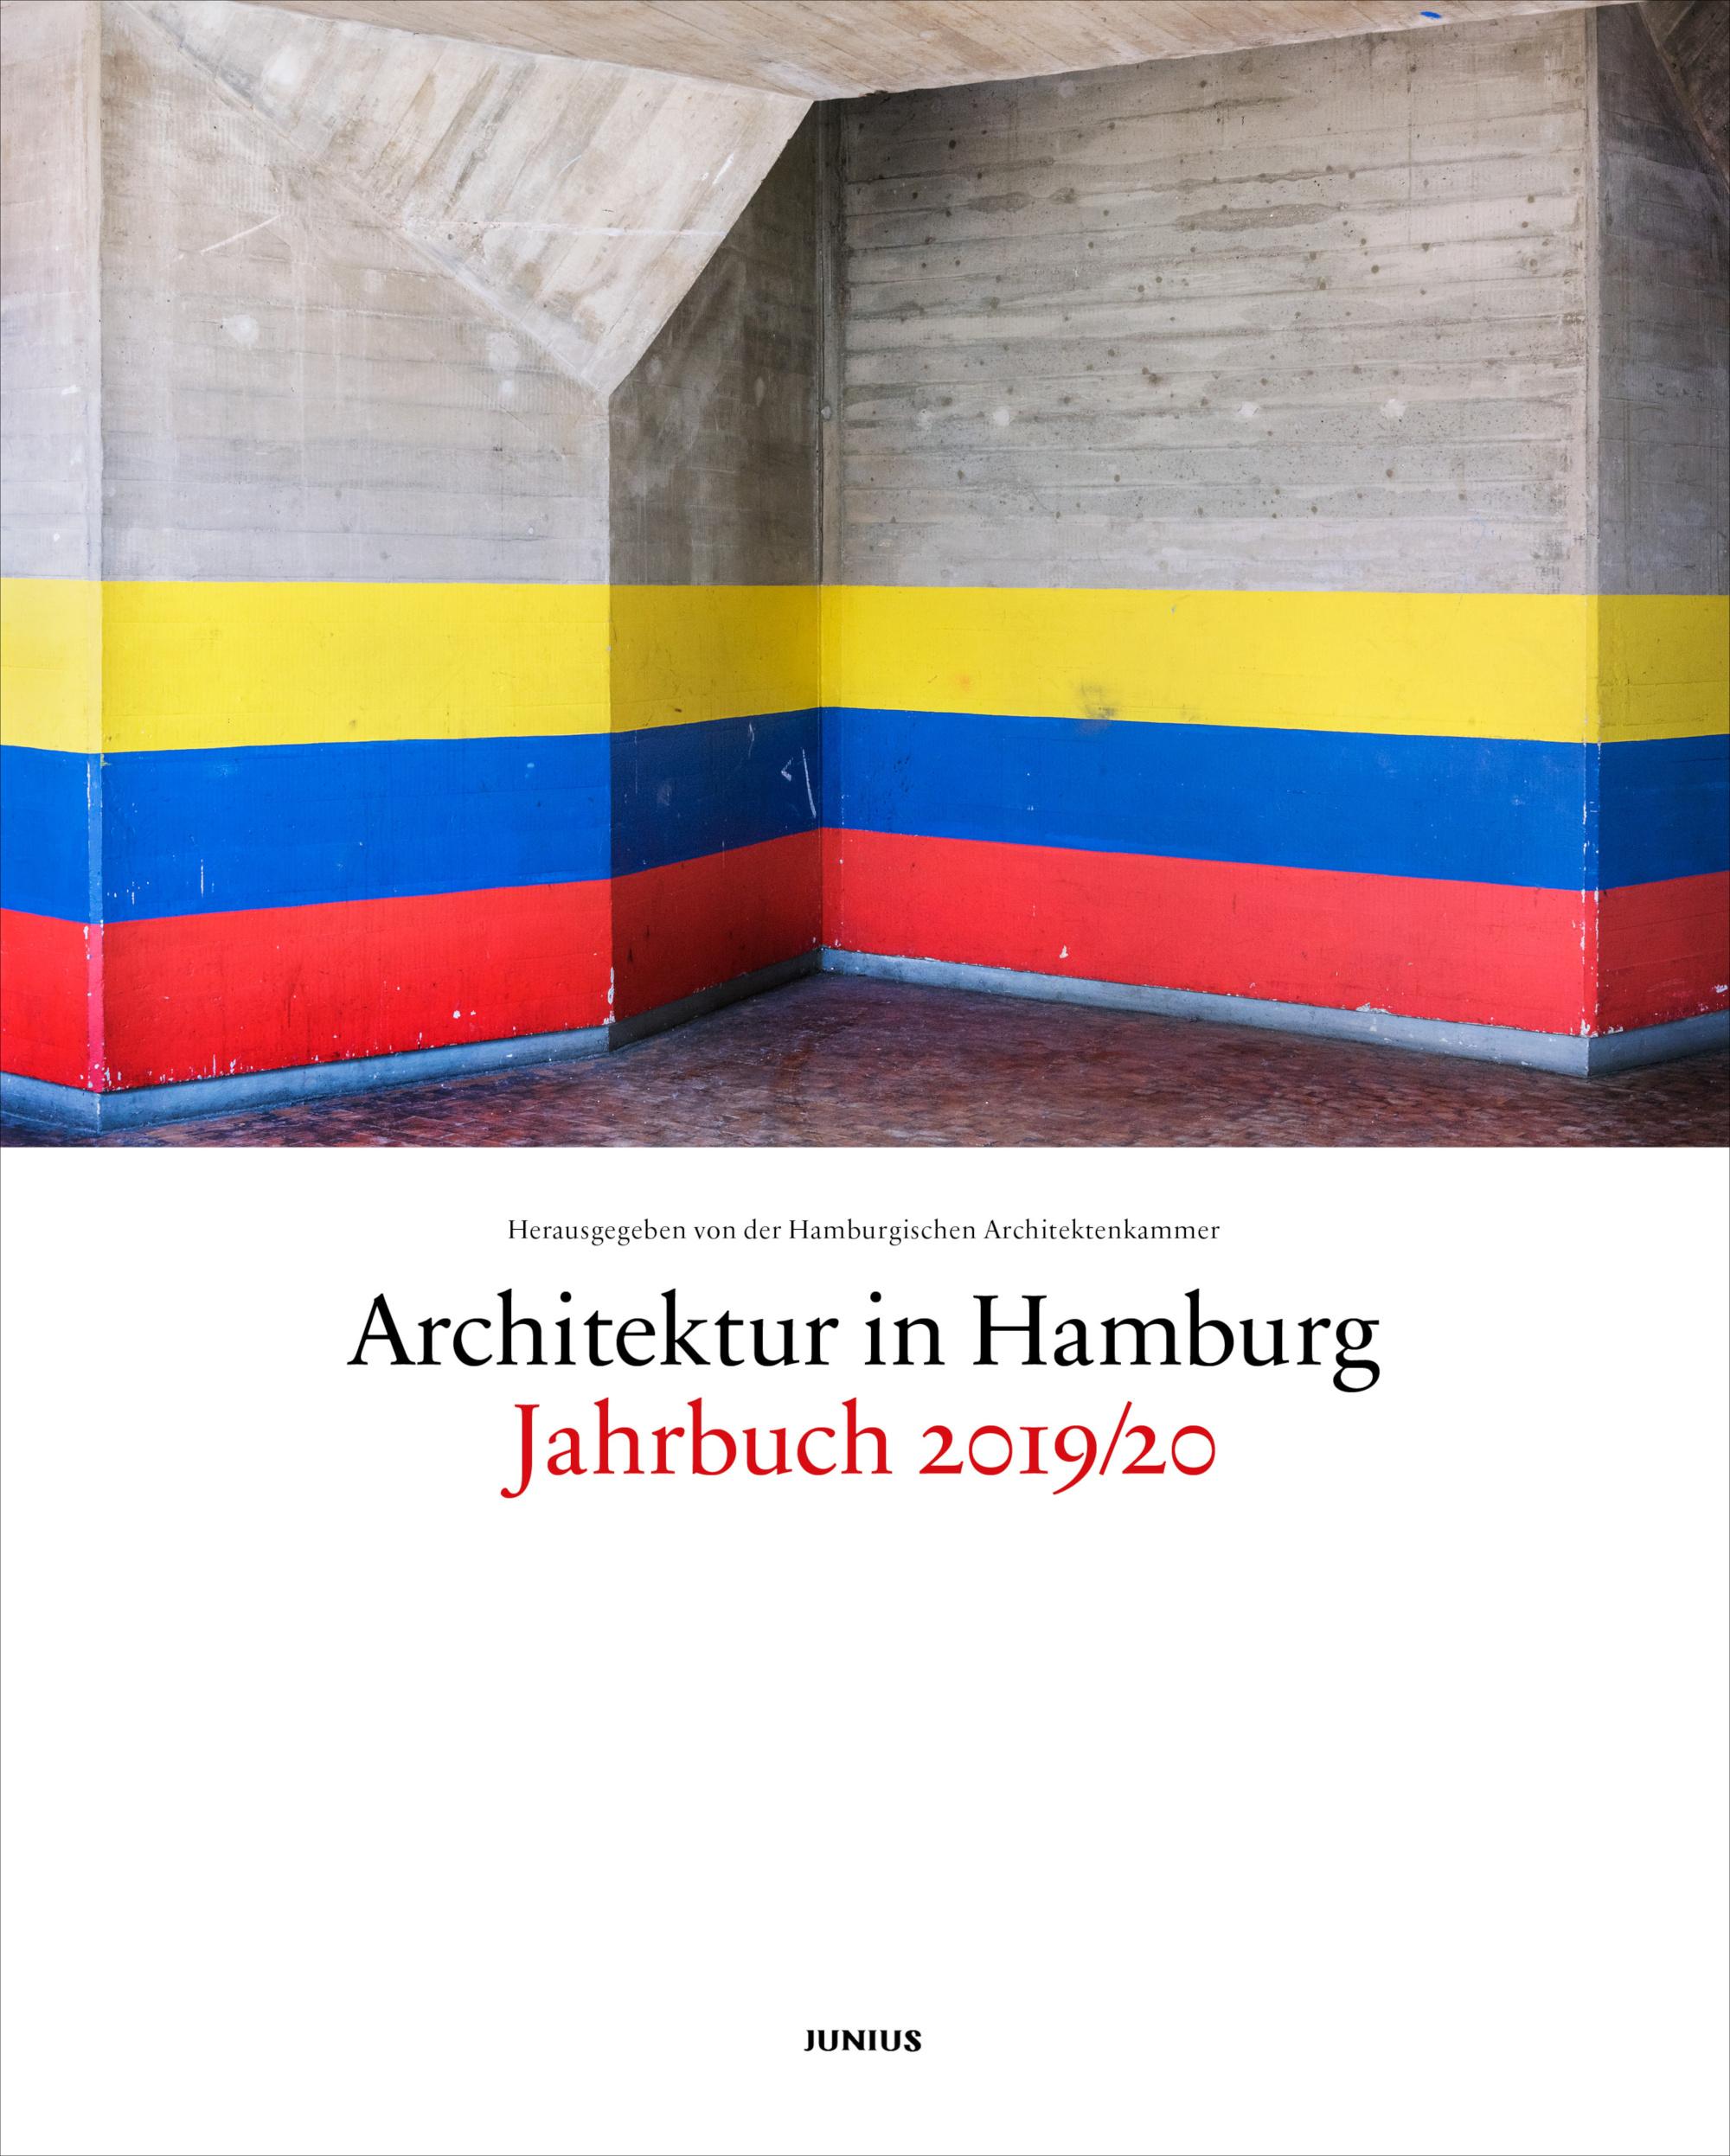 Jahresbuch Architektur in Hamburg 2020 - Schweger Architekten